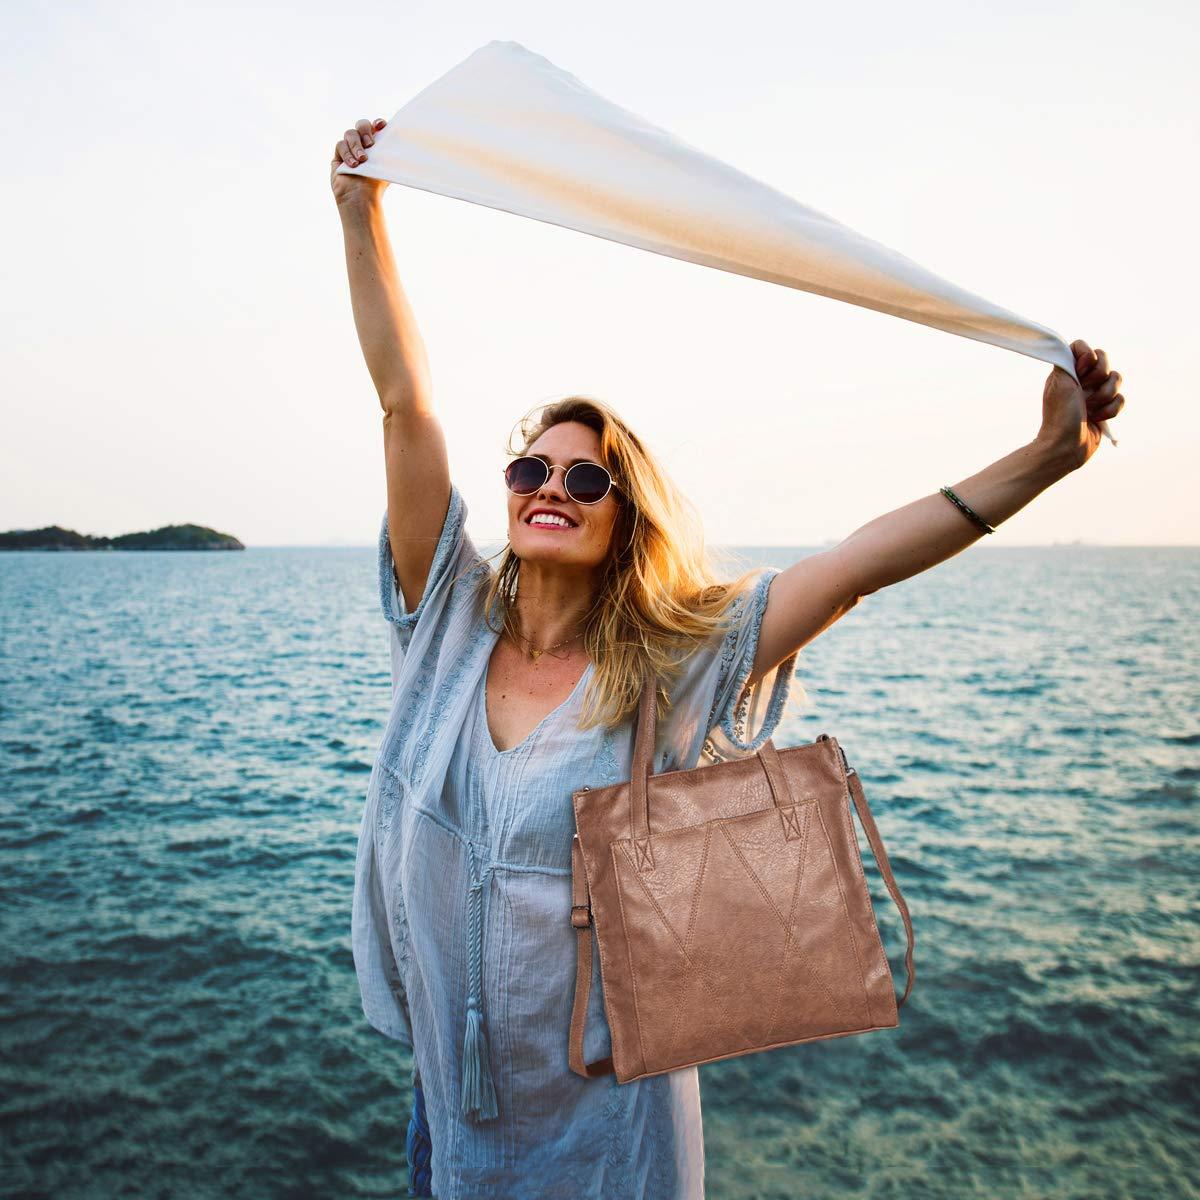 PINGHE Sac /à Bandouli/ère /à la Mode pour Femmes Messenger Sac Sac Imperm/éable pour Dames Porte-documents Sac /à Provisions